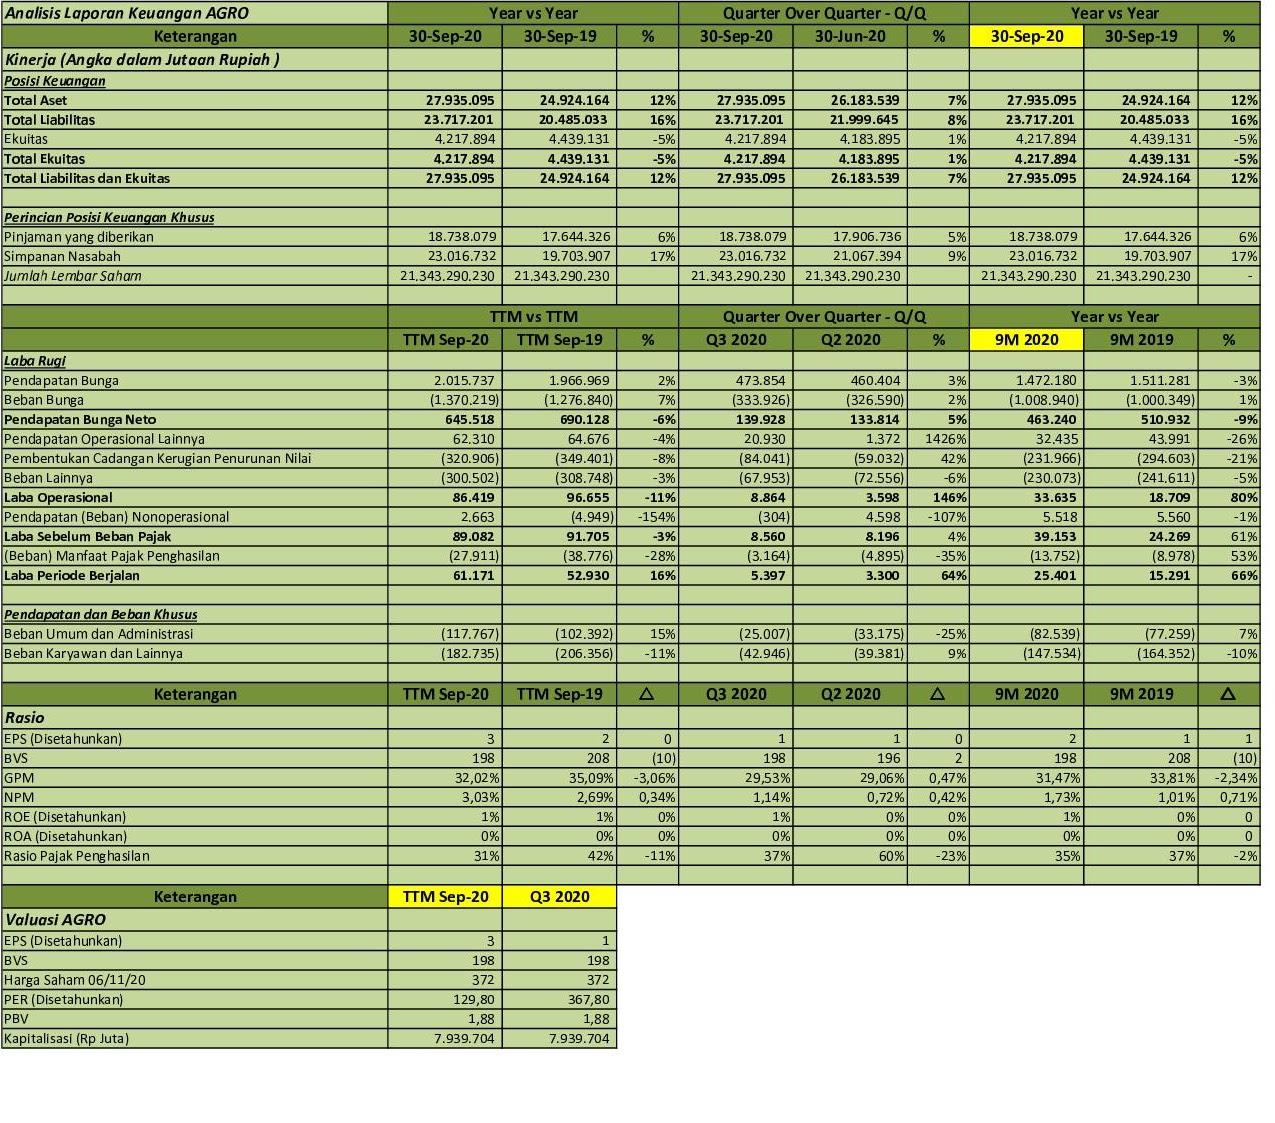 Idx Investor Agro Q3 2020 Pt Bank Rakyat Indonesia Agroniaga Tbk Analisis Laporan Keuangan